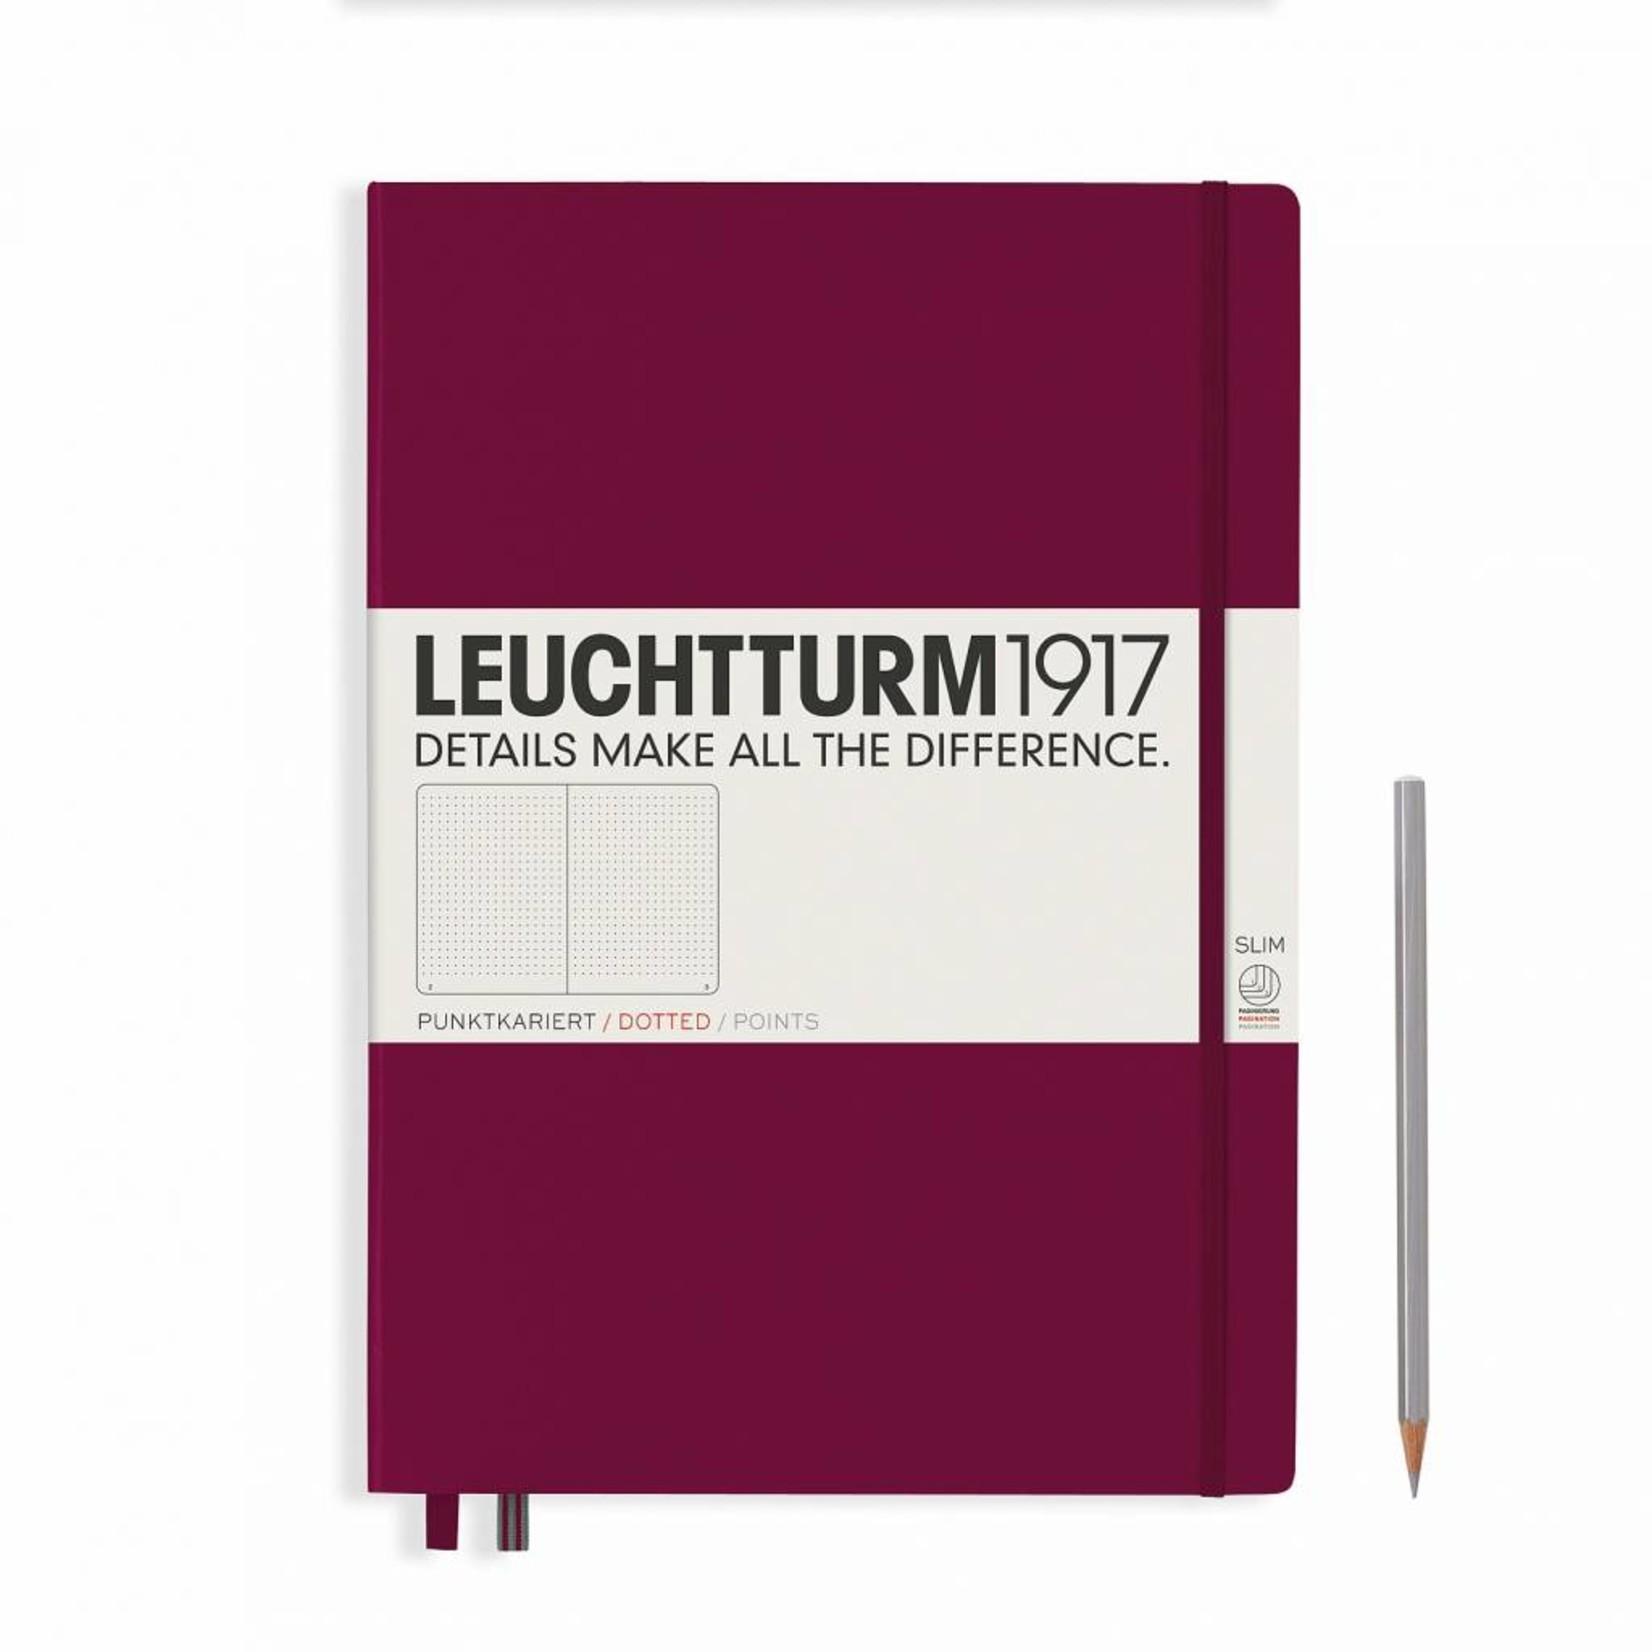 Leuchtturm1917 LT Notizbuch A4 MASTER SLIM HC port red dotted